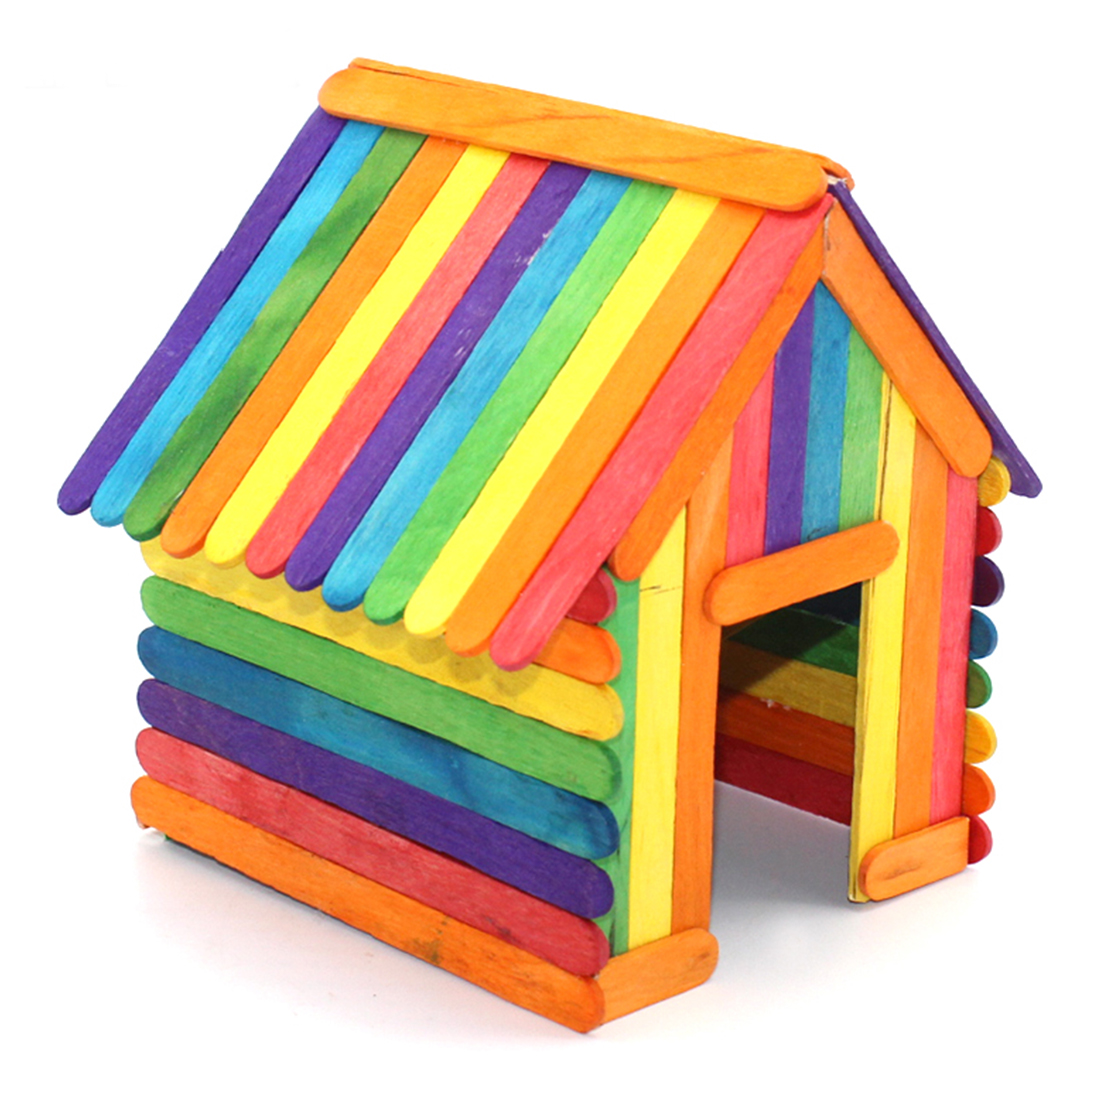 Деревянные поделки DIY, Натуральные Цветные деревянные палочки для мороженого, детские домашние игрушки ручной работы, игрушки для еды DIY